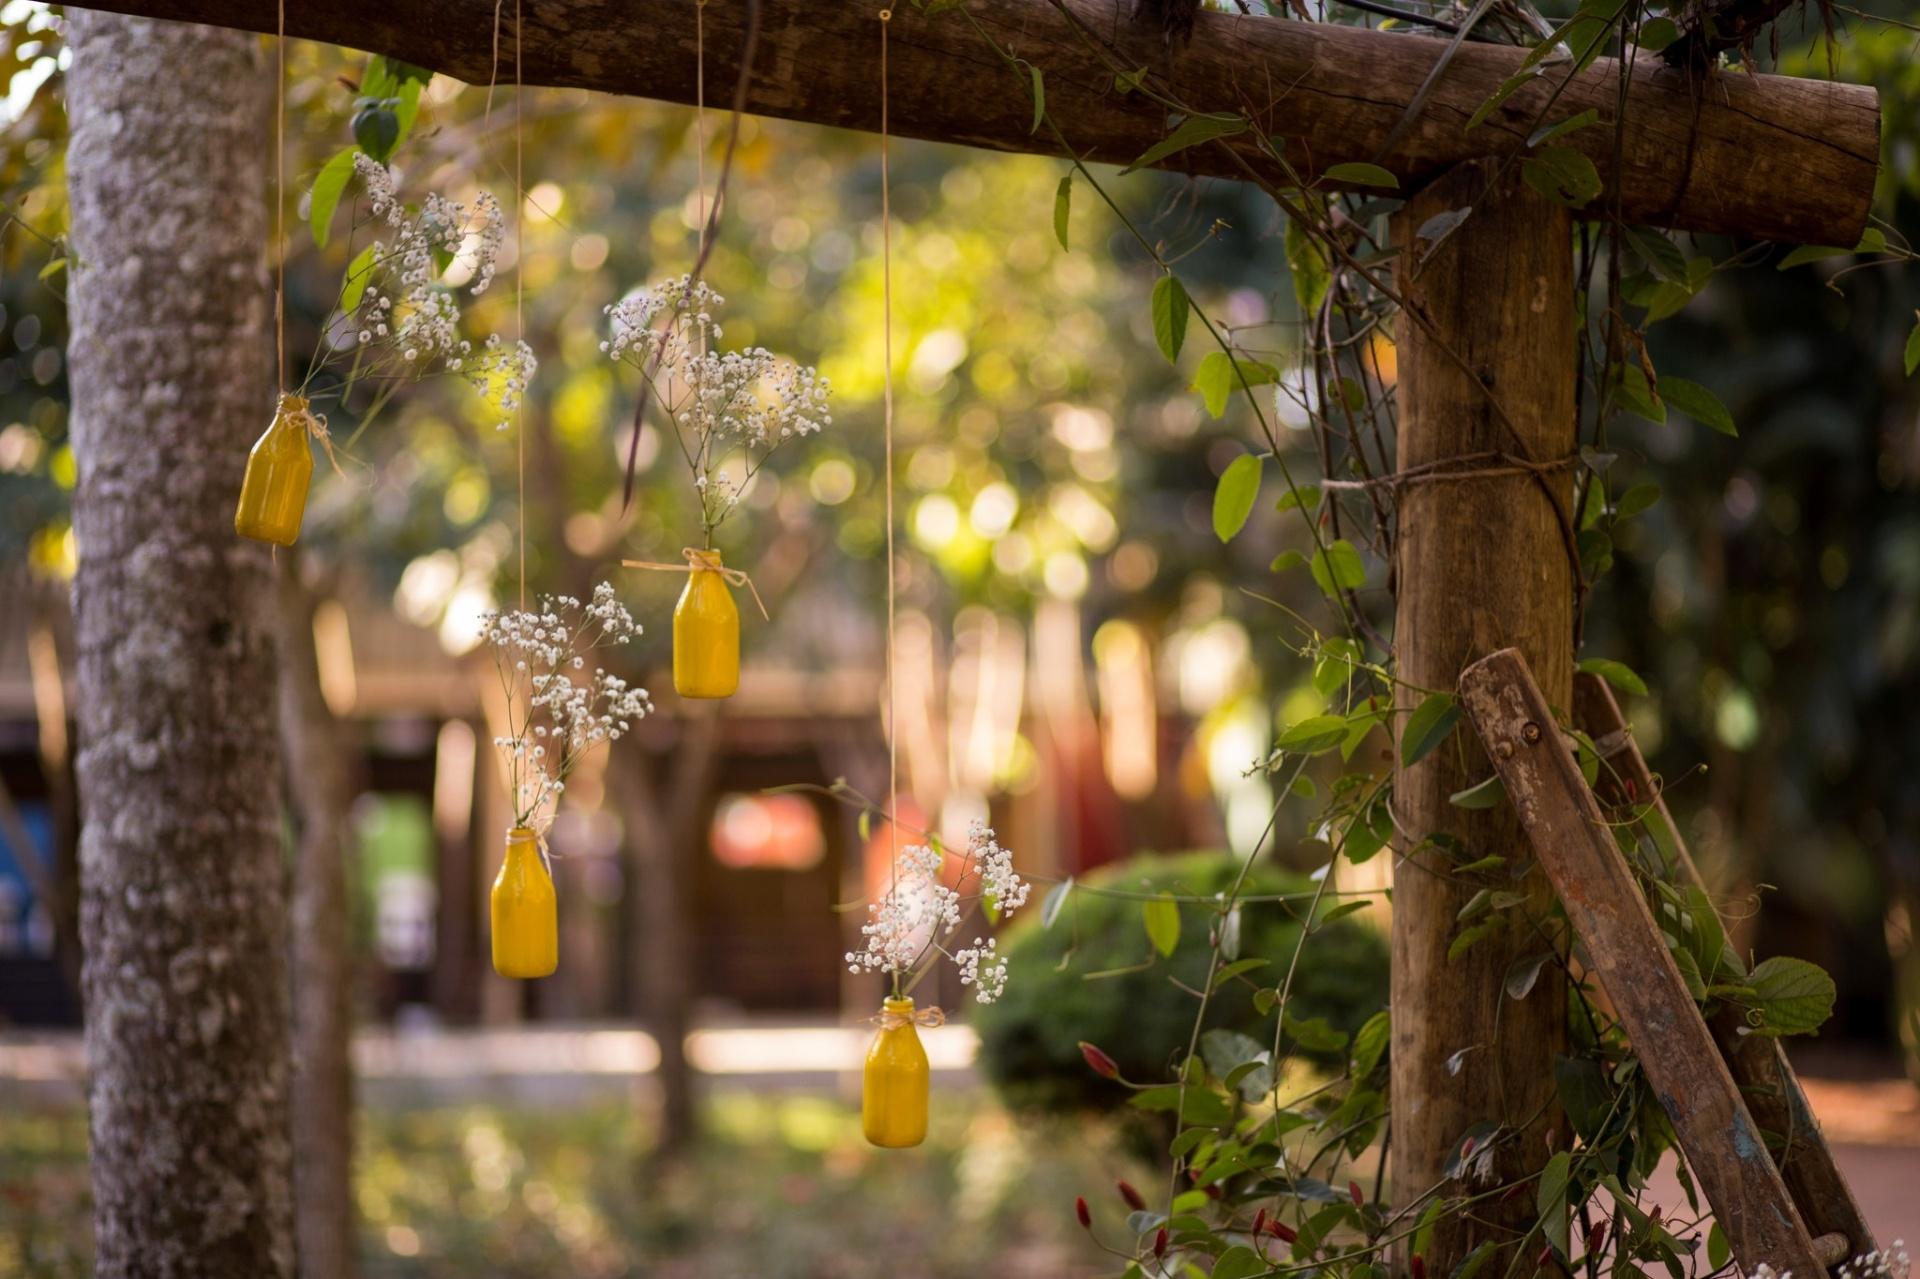 Que tal cultivar no gazebo ou pergolado de madeira espécies de trepadeiras como o maracujá de flores vermelhas? Incremente a estrutura pendurando, também, garrafinhas com flores miúdas! O resultado é um local com ar bucólico como o do espaço Roseiras Alemãs, dos paisagistas Ligia Rualdes e Fernando Codo | O ambiente pode ser visto na mostra de paisagismo da Expoflora até 27 de setembro de 2015 em Holambra (SP)